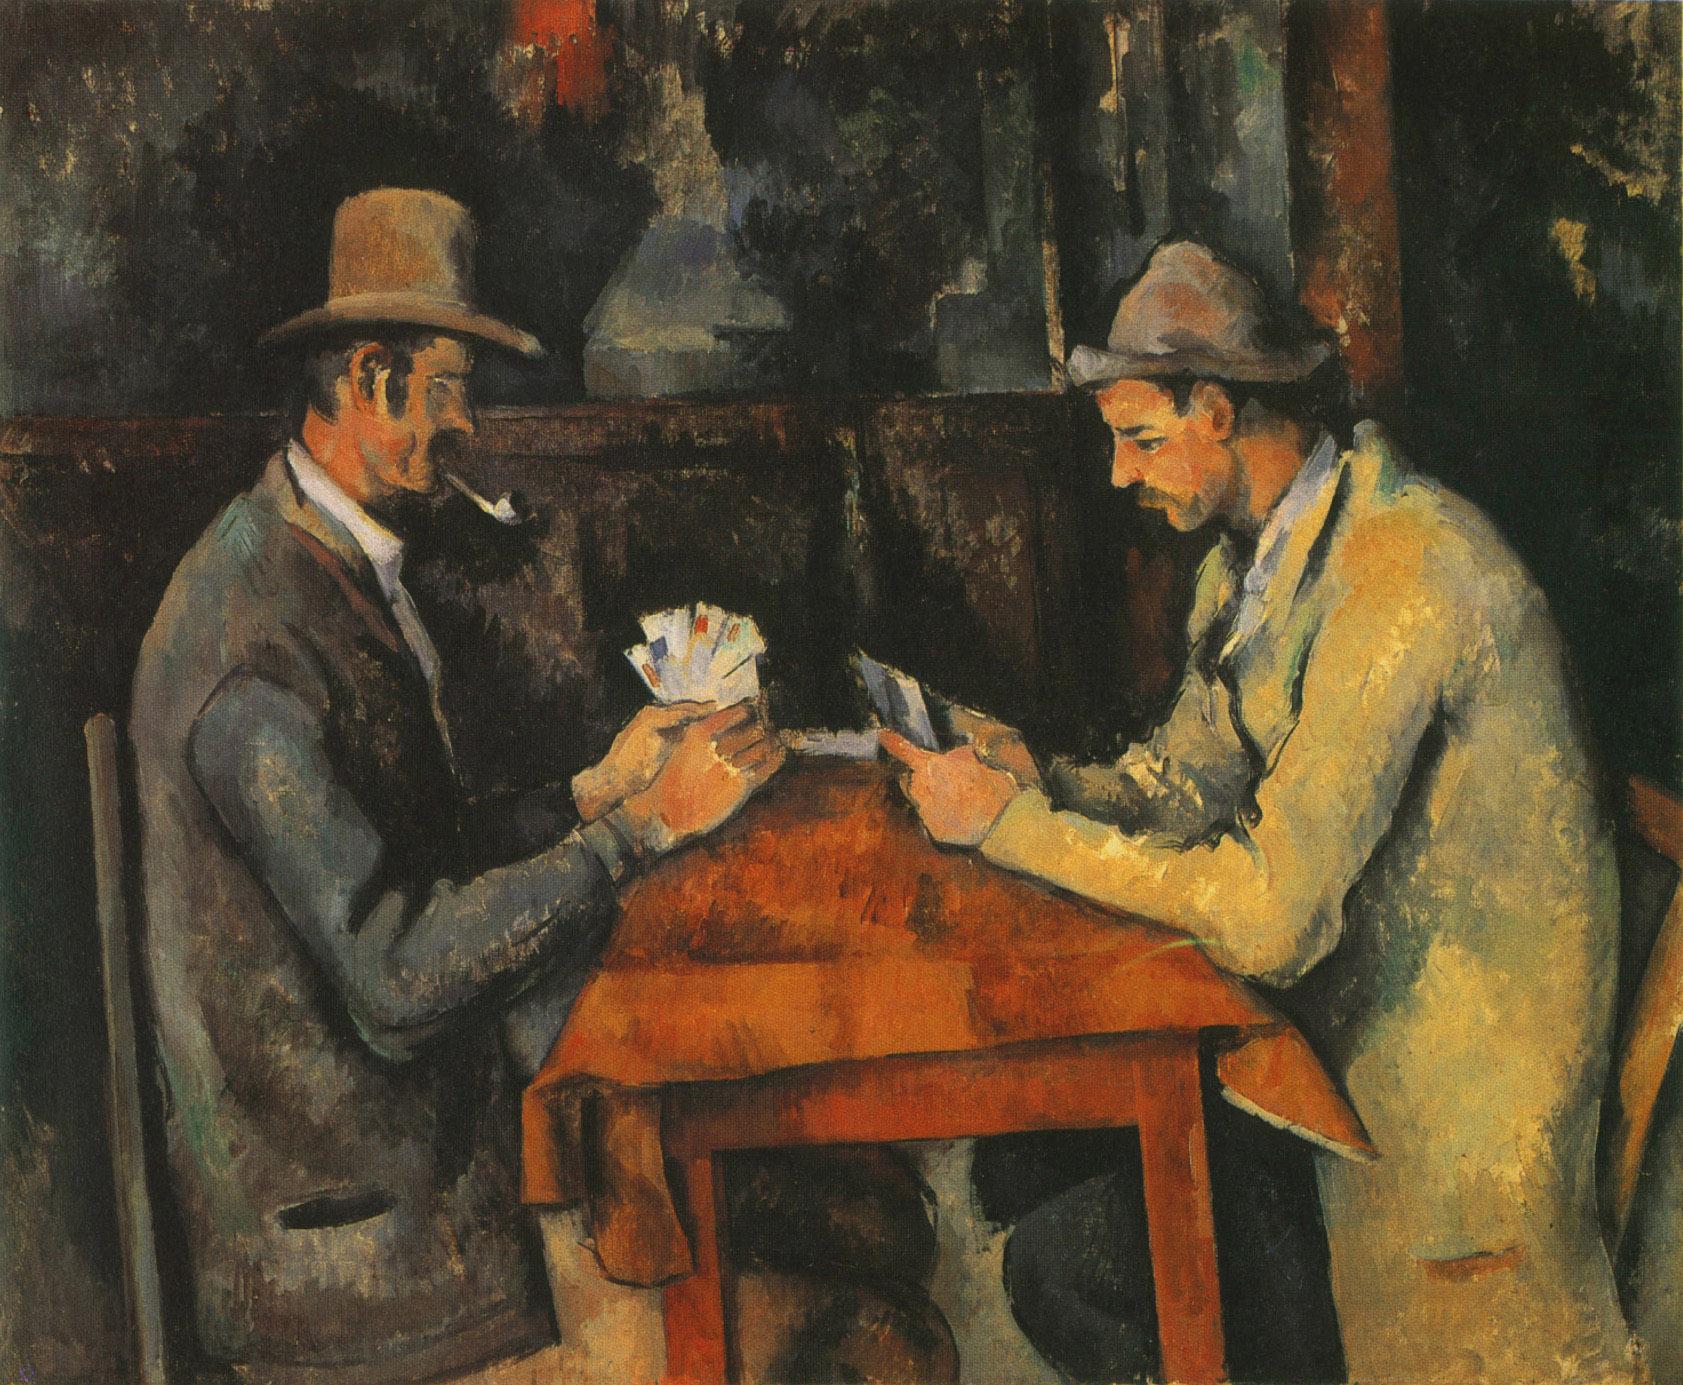 Paul Cézanne: The Card Players